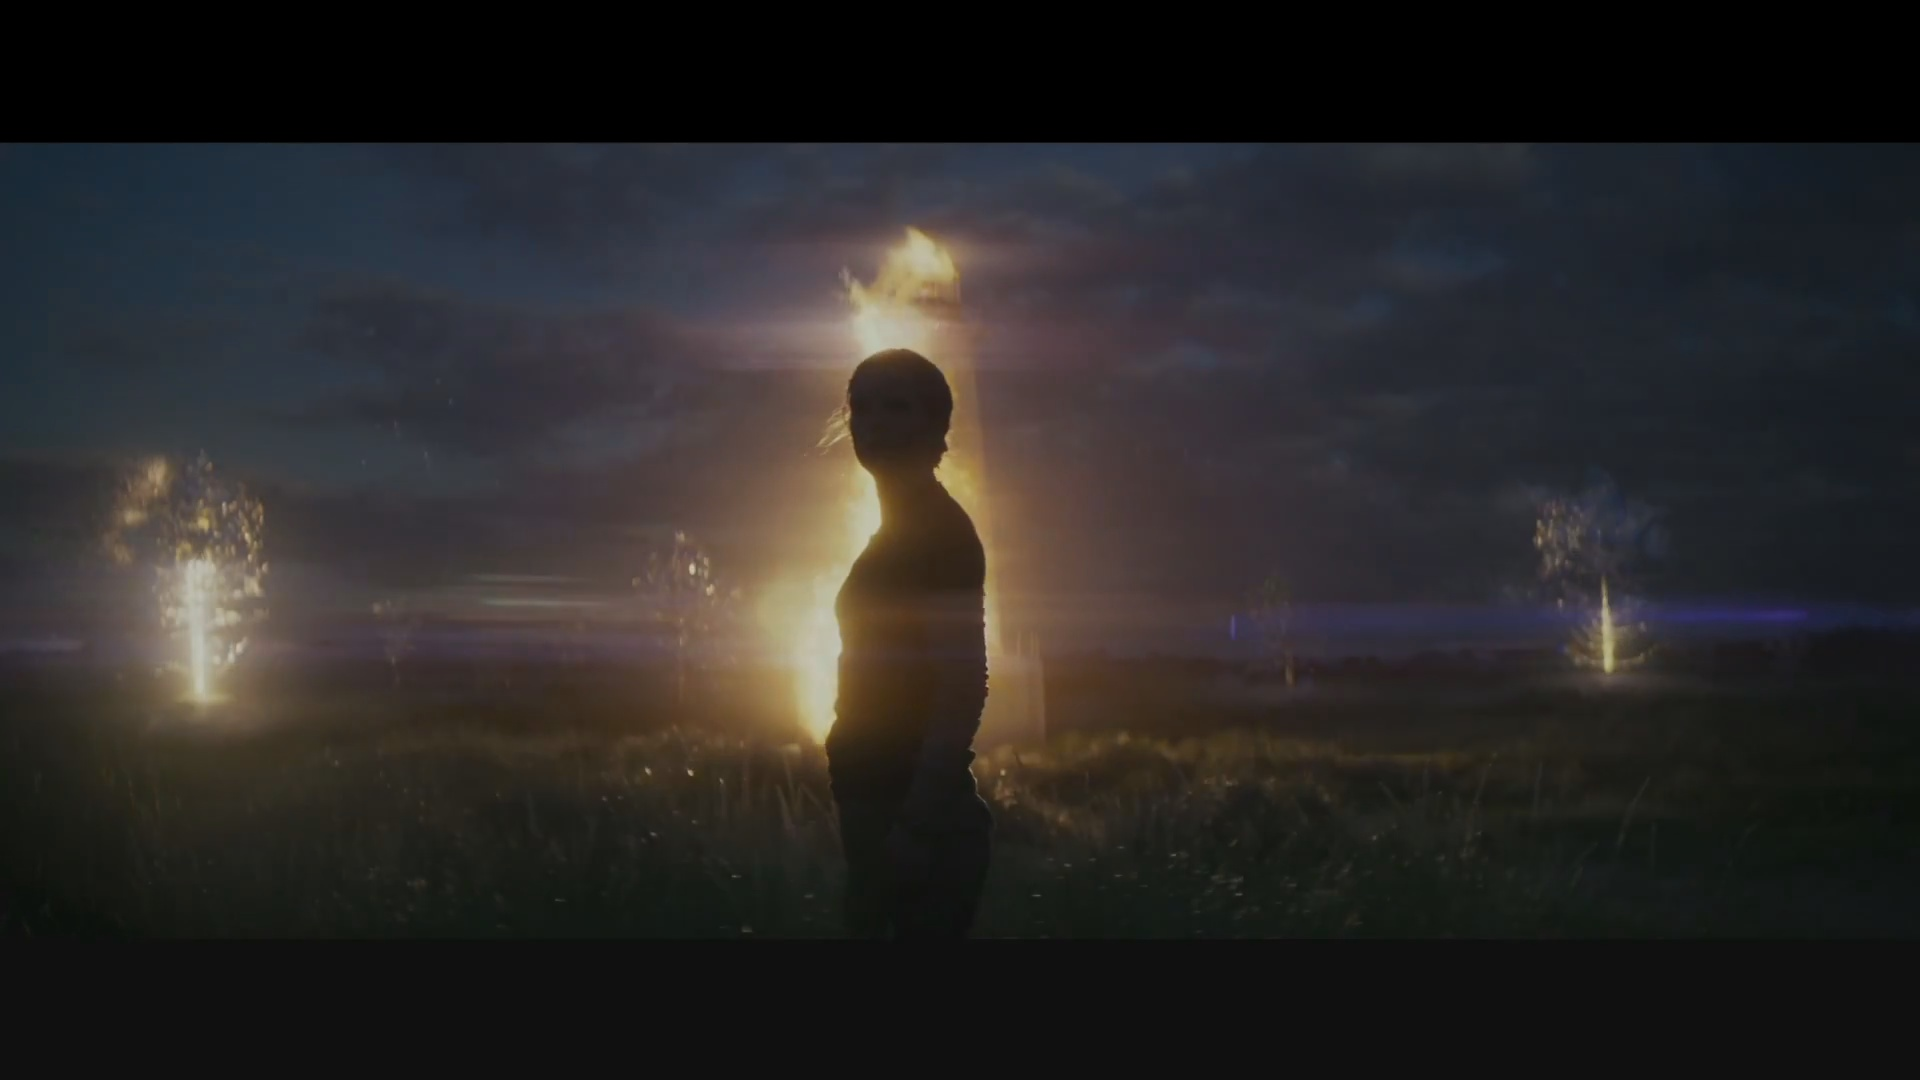 娜塔莉·波特曼主演,最新科幻冒险电影《湮灭》首款中文预告